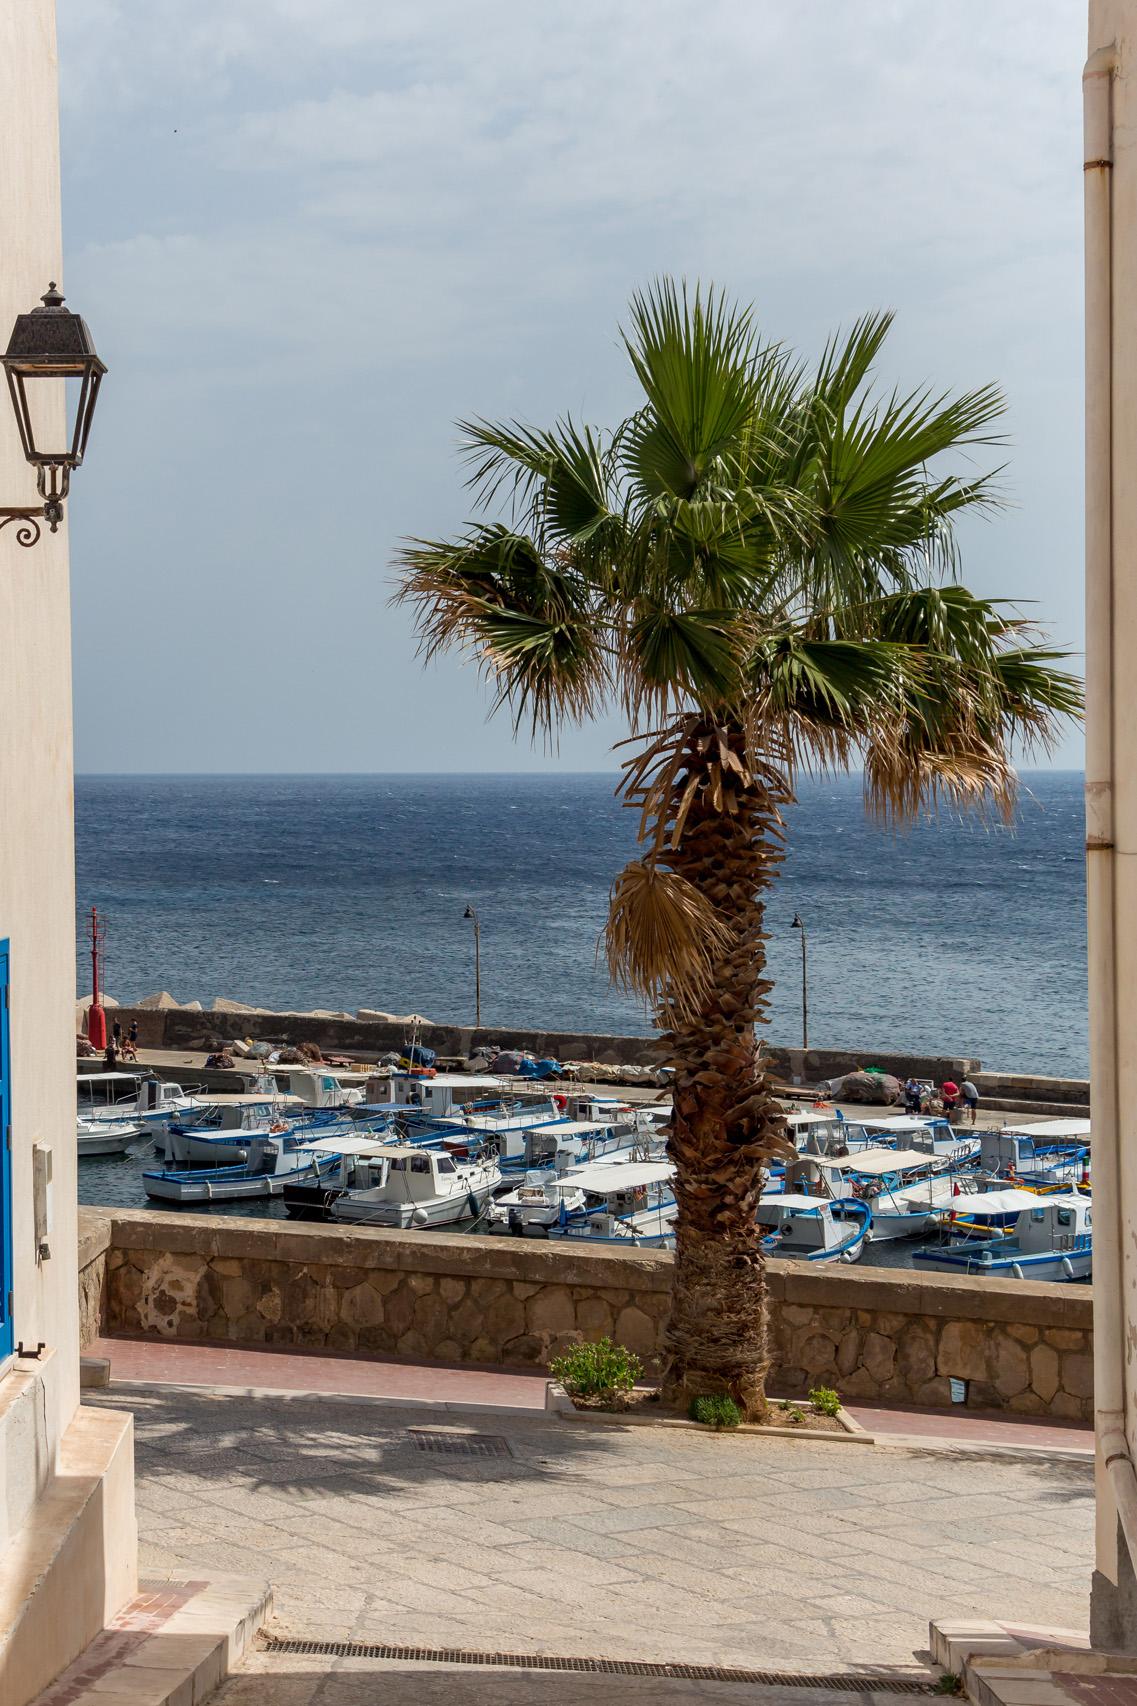 The island of Marettimo, Sicily